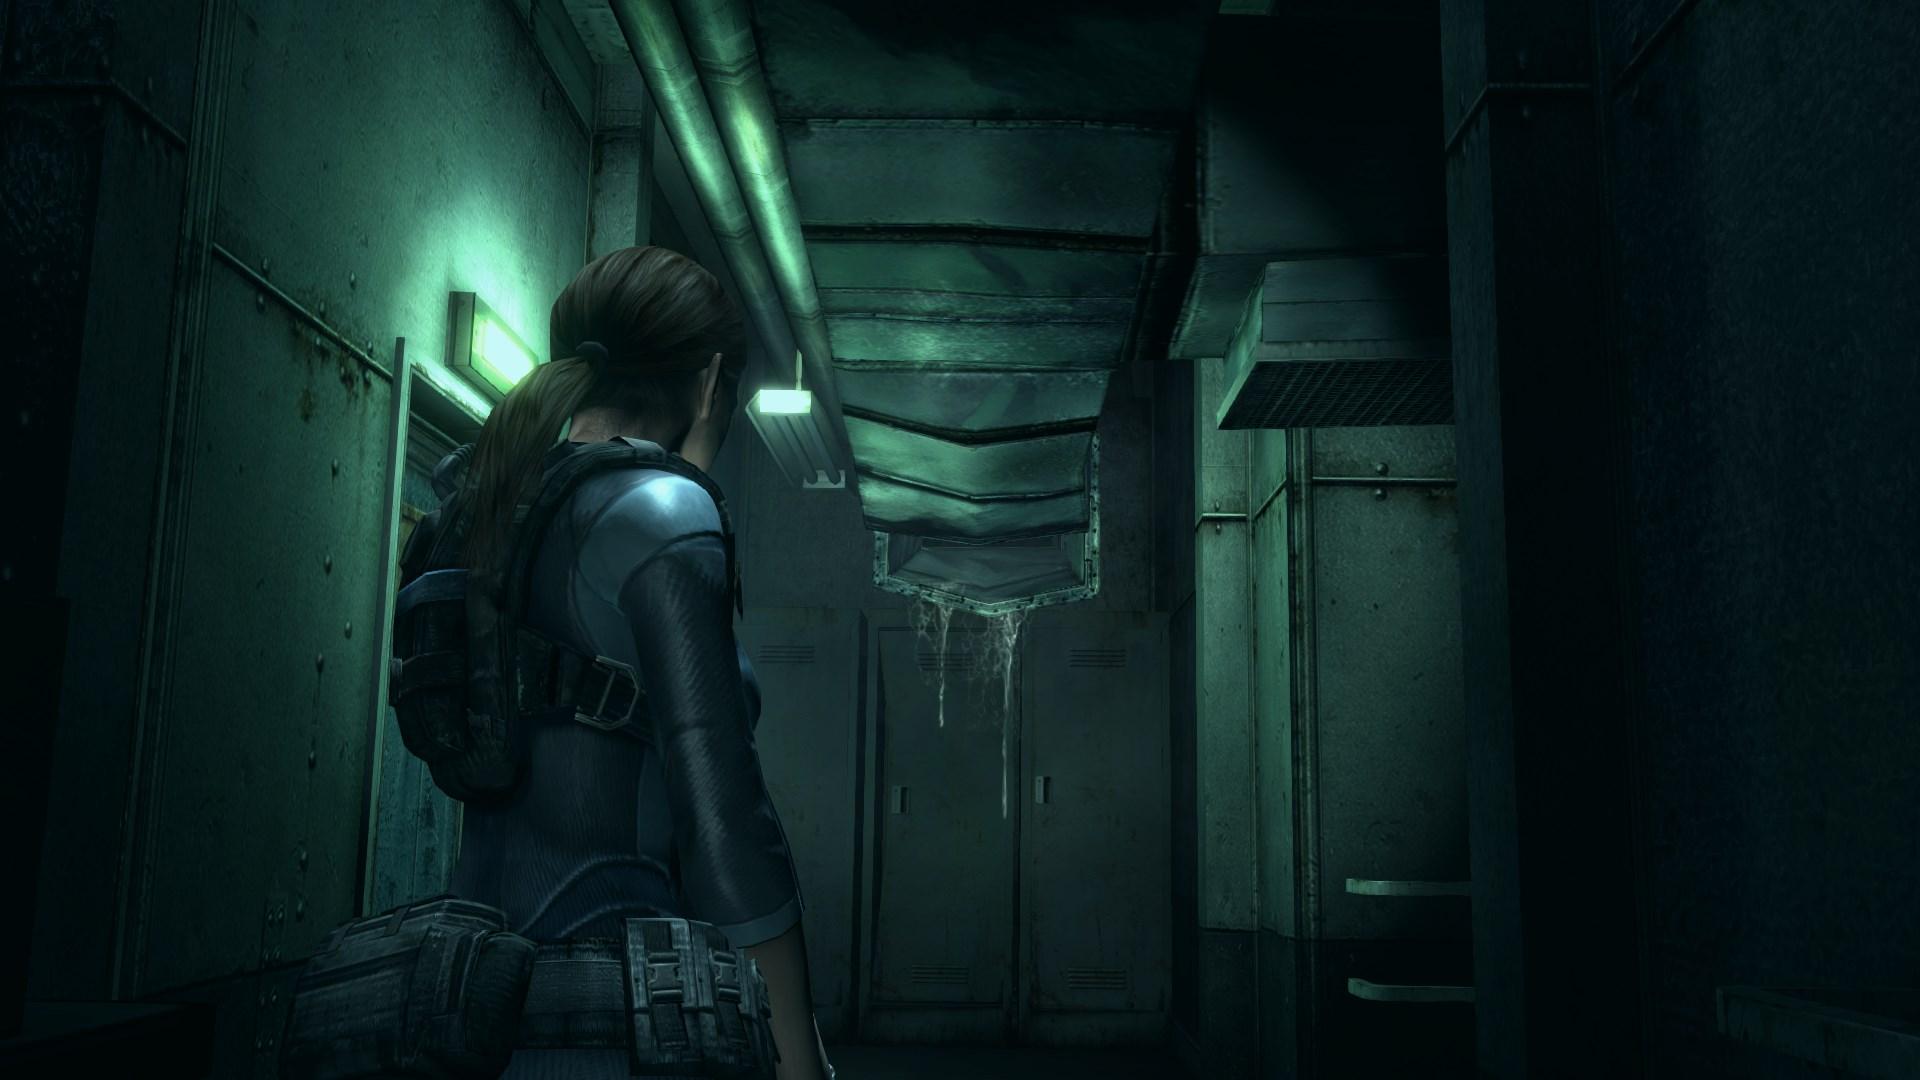 Resident Evil Revelations action